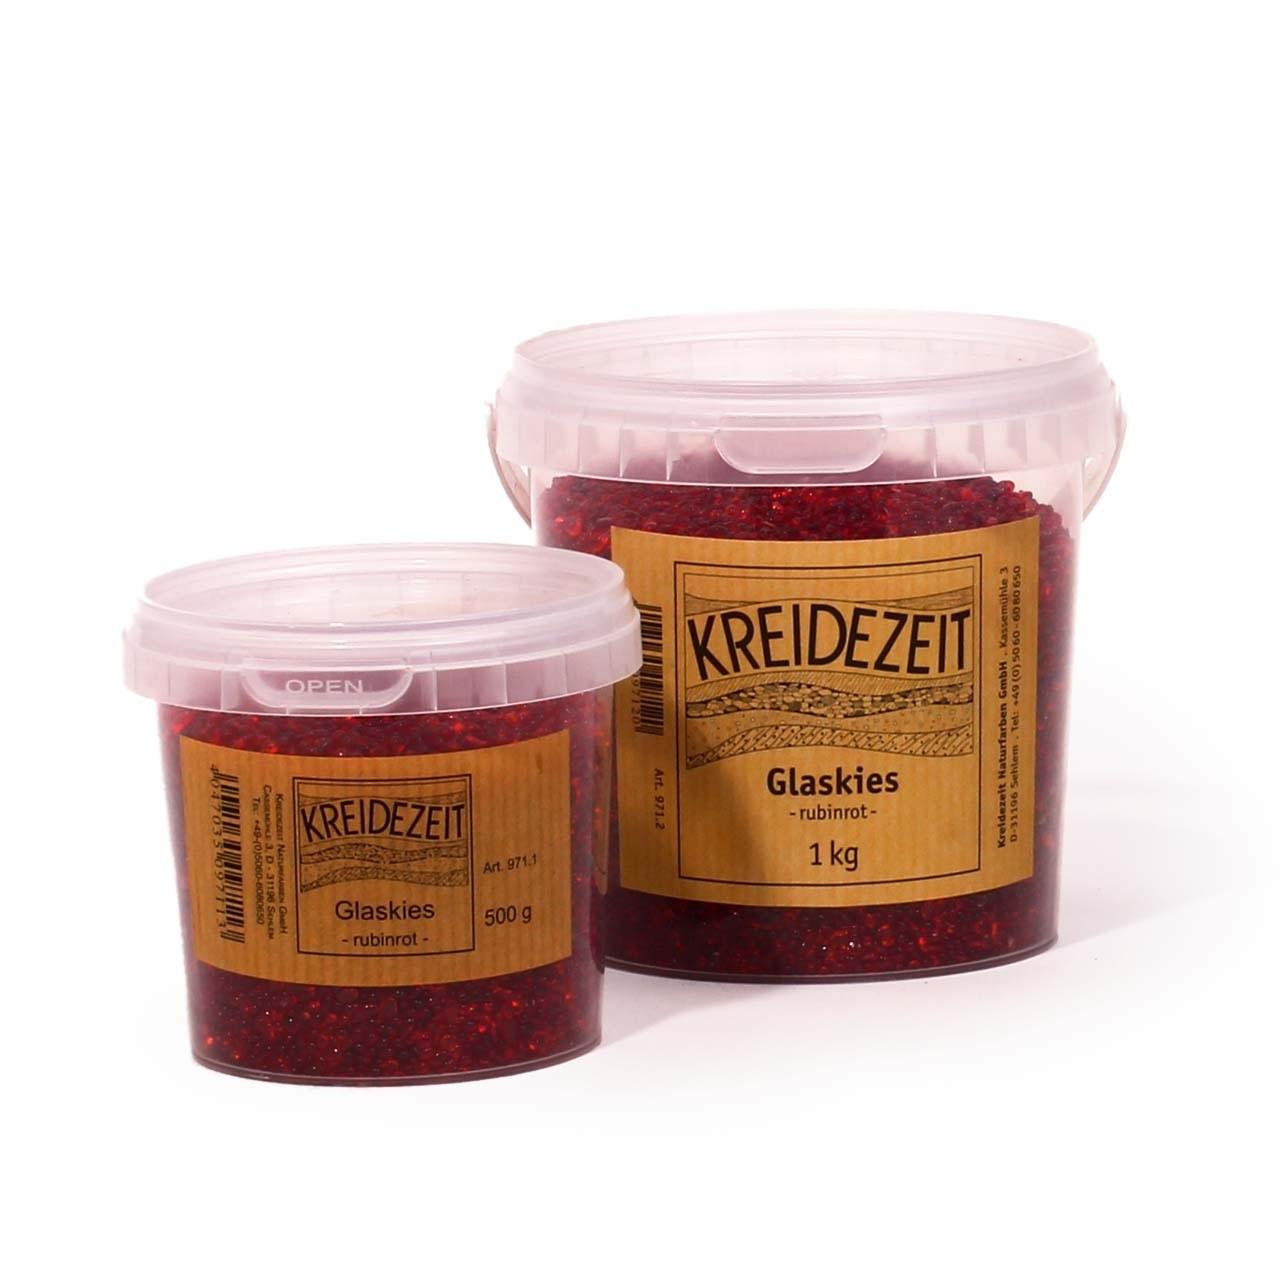 Kreidezeit Glaskies rubinrot 20 kg